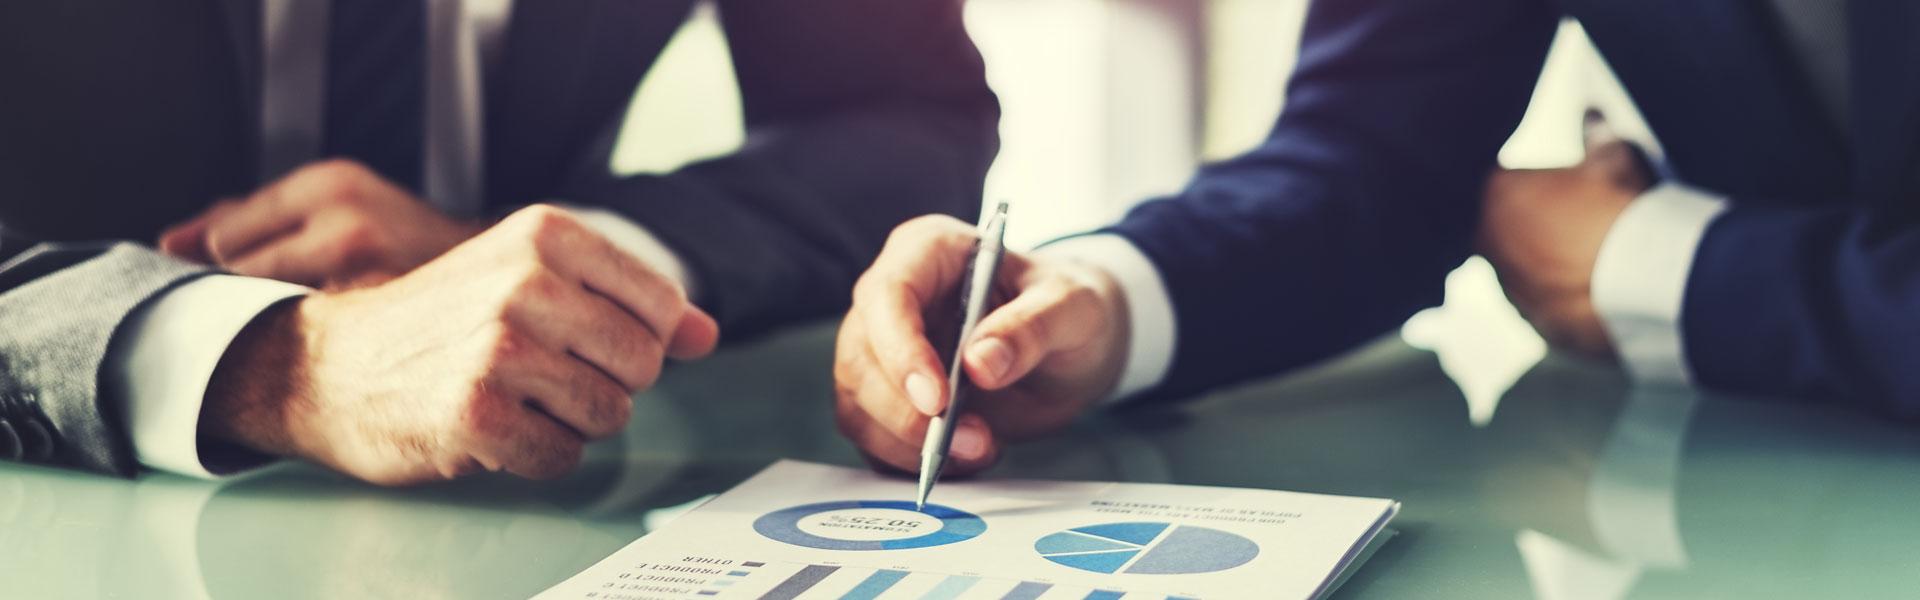 beneficios de la nueva ley de distribución de seguros